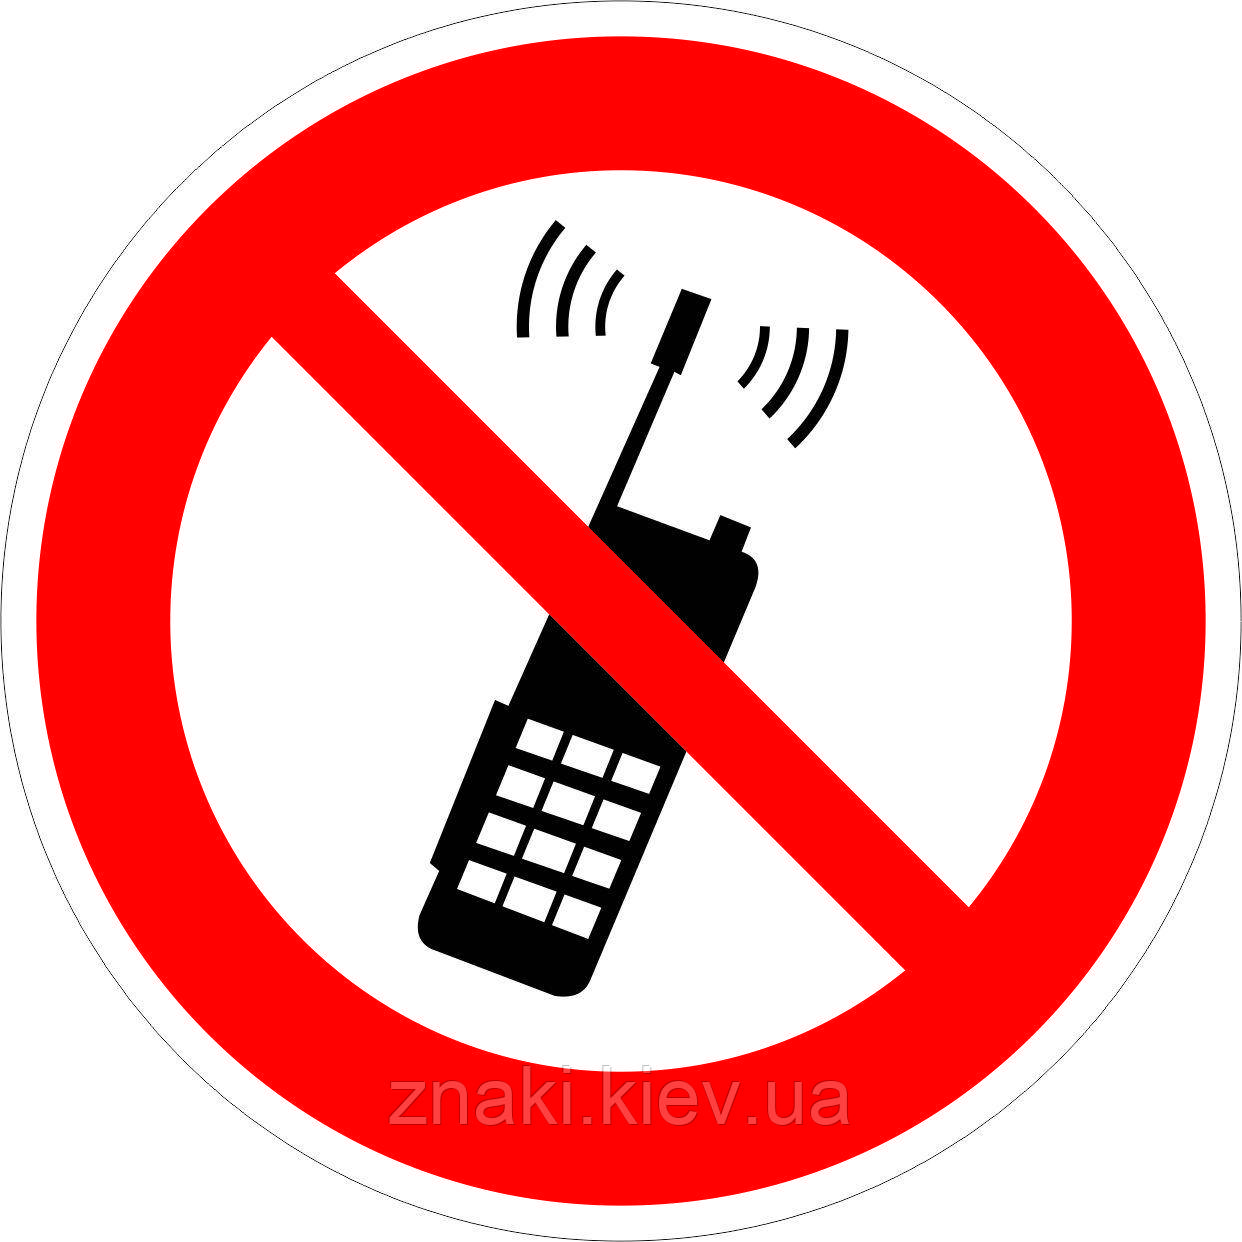 Пользоватся мобильным телефоном или переносной радиостанцией запрещено